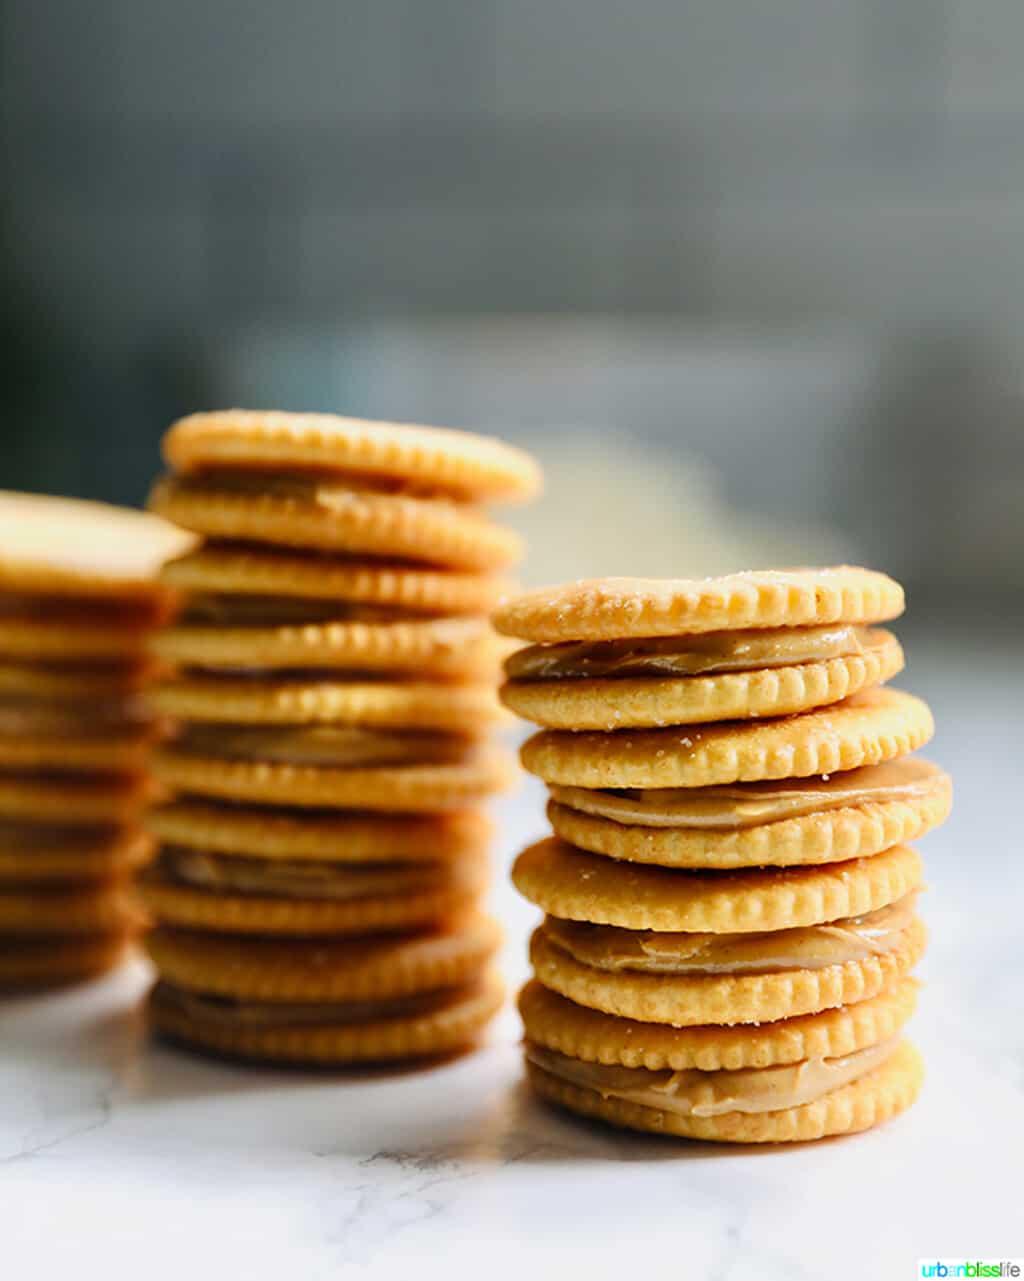 stacks of Ritz cracker cookies